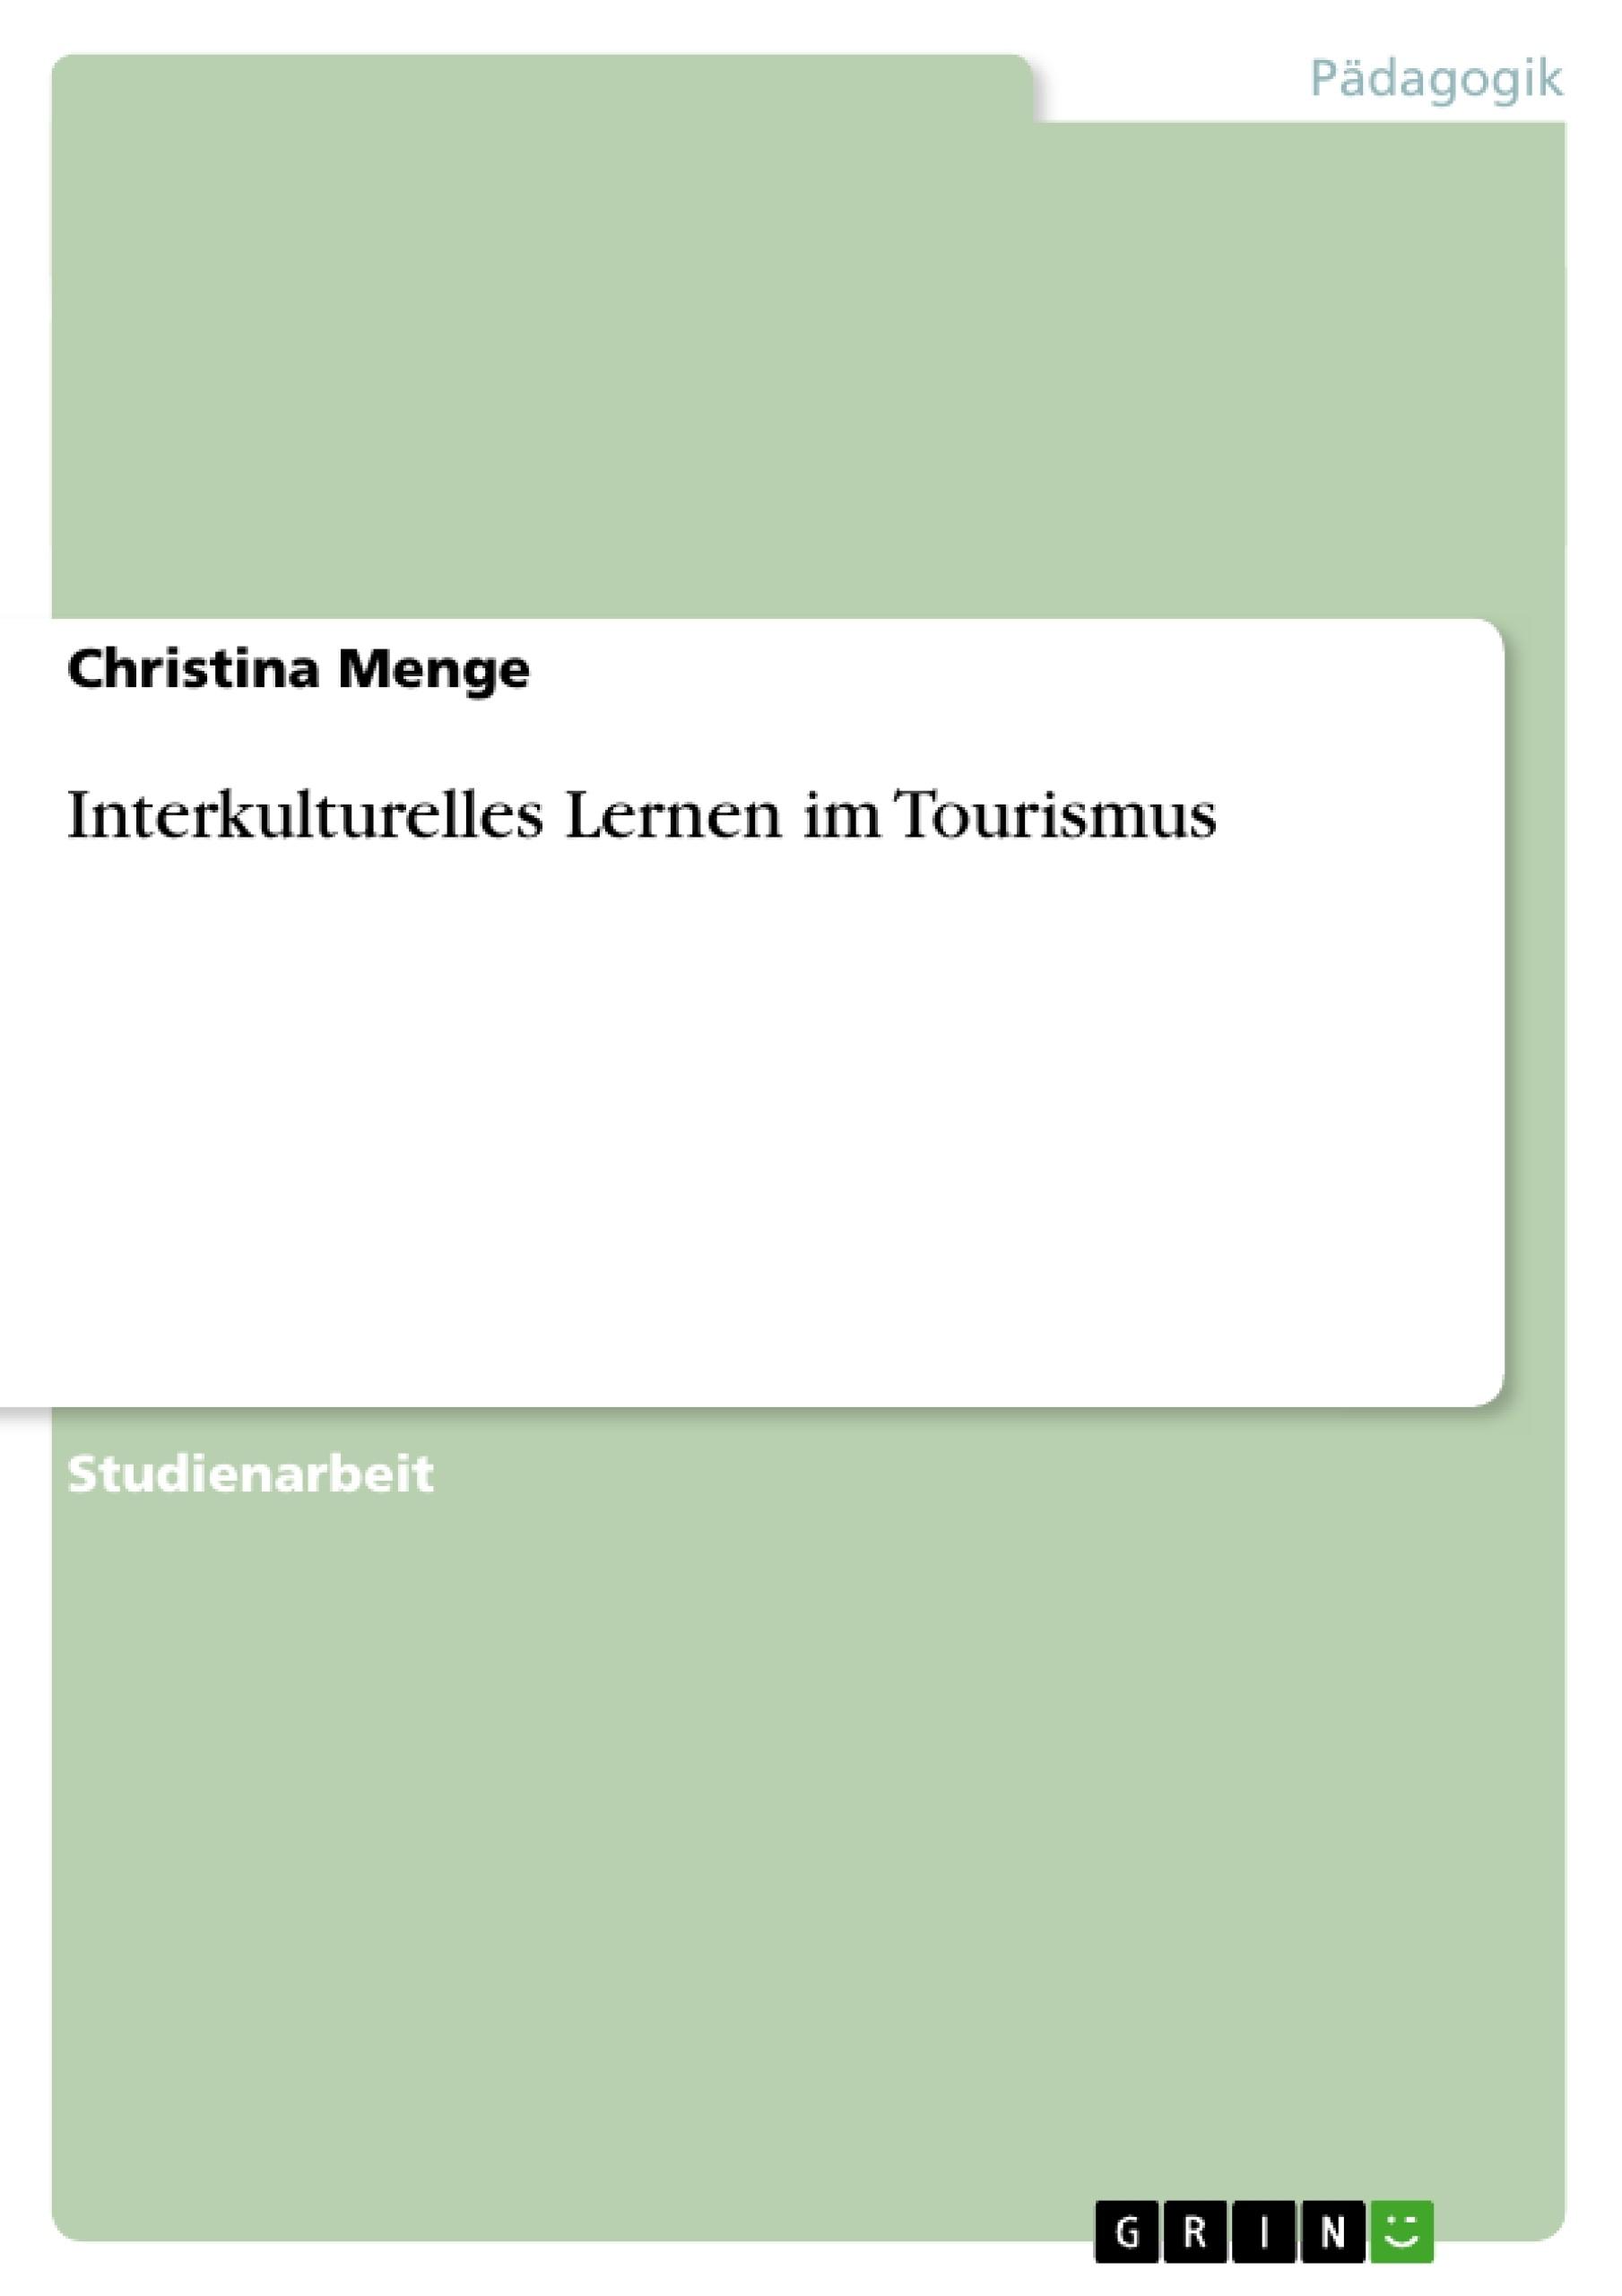 Titel: Interkulturelles Lernen im Tourismus